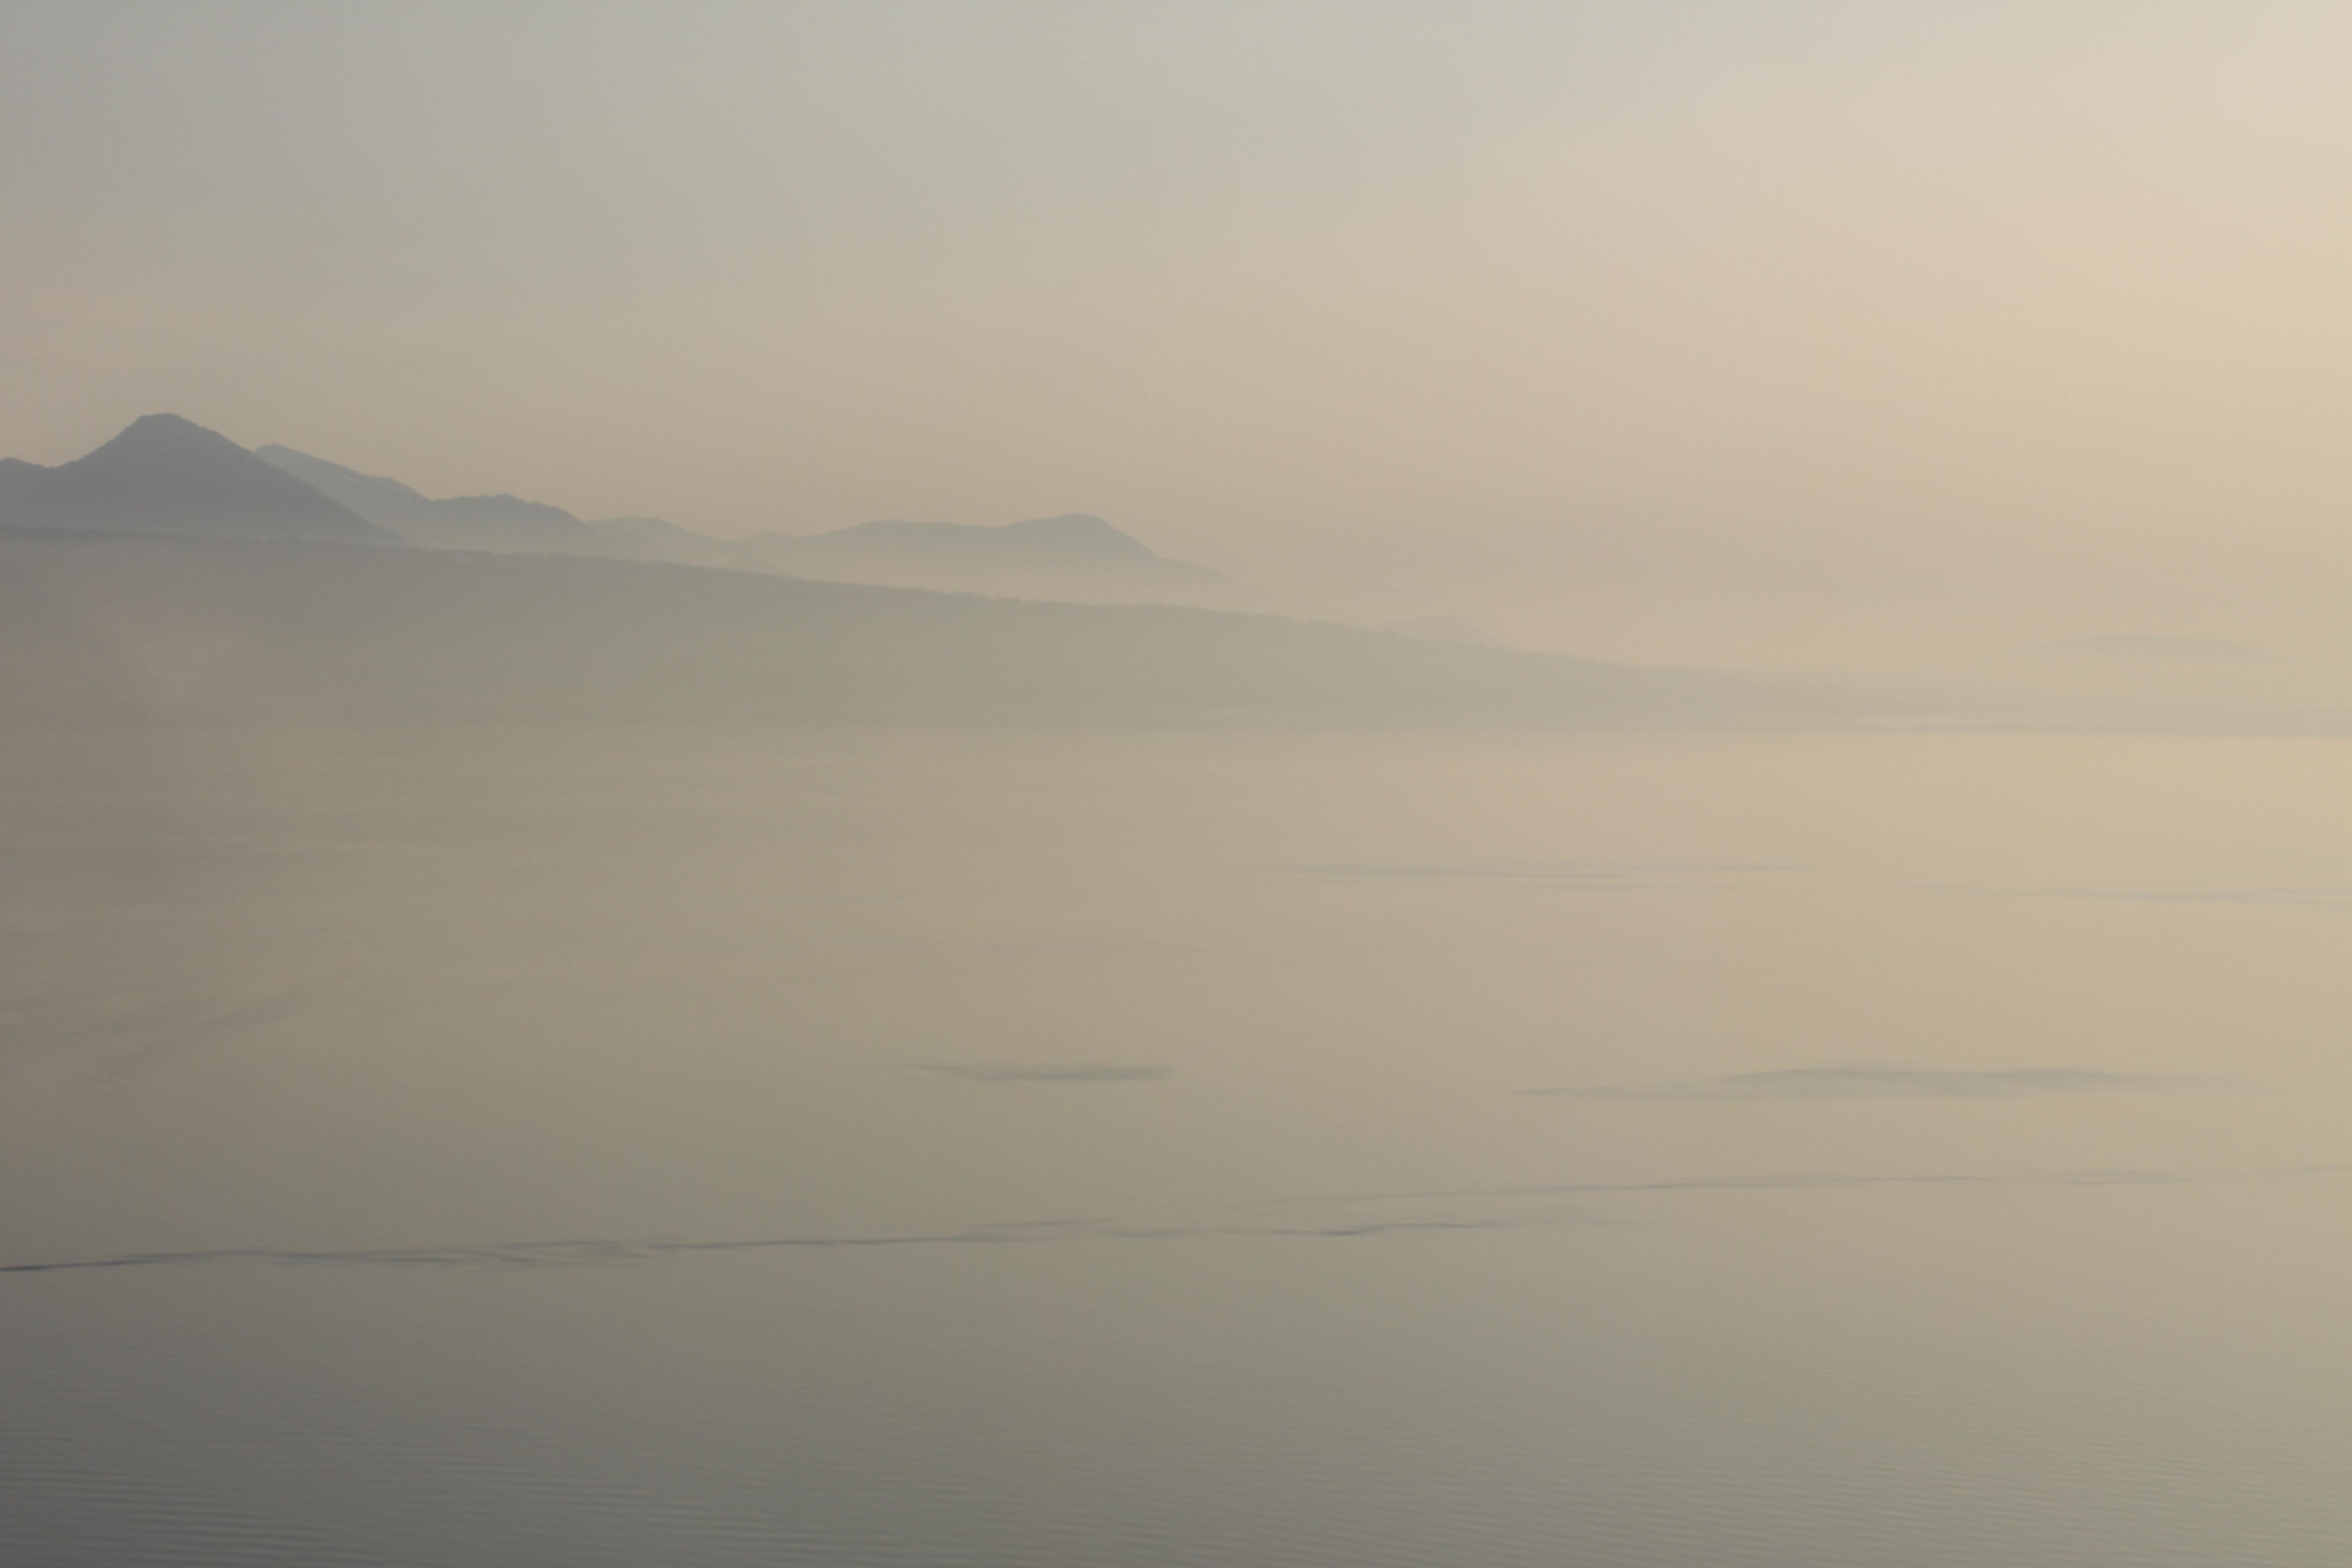 paysage d'une étendue d'eau en premier plan avec montagnes en arrière-plan, brume au-dessus du lac, Lac Léman